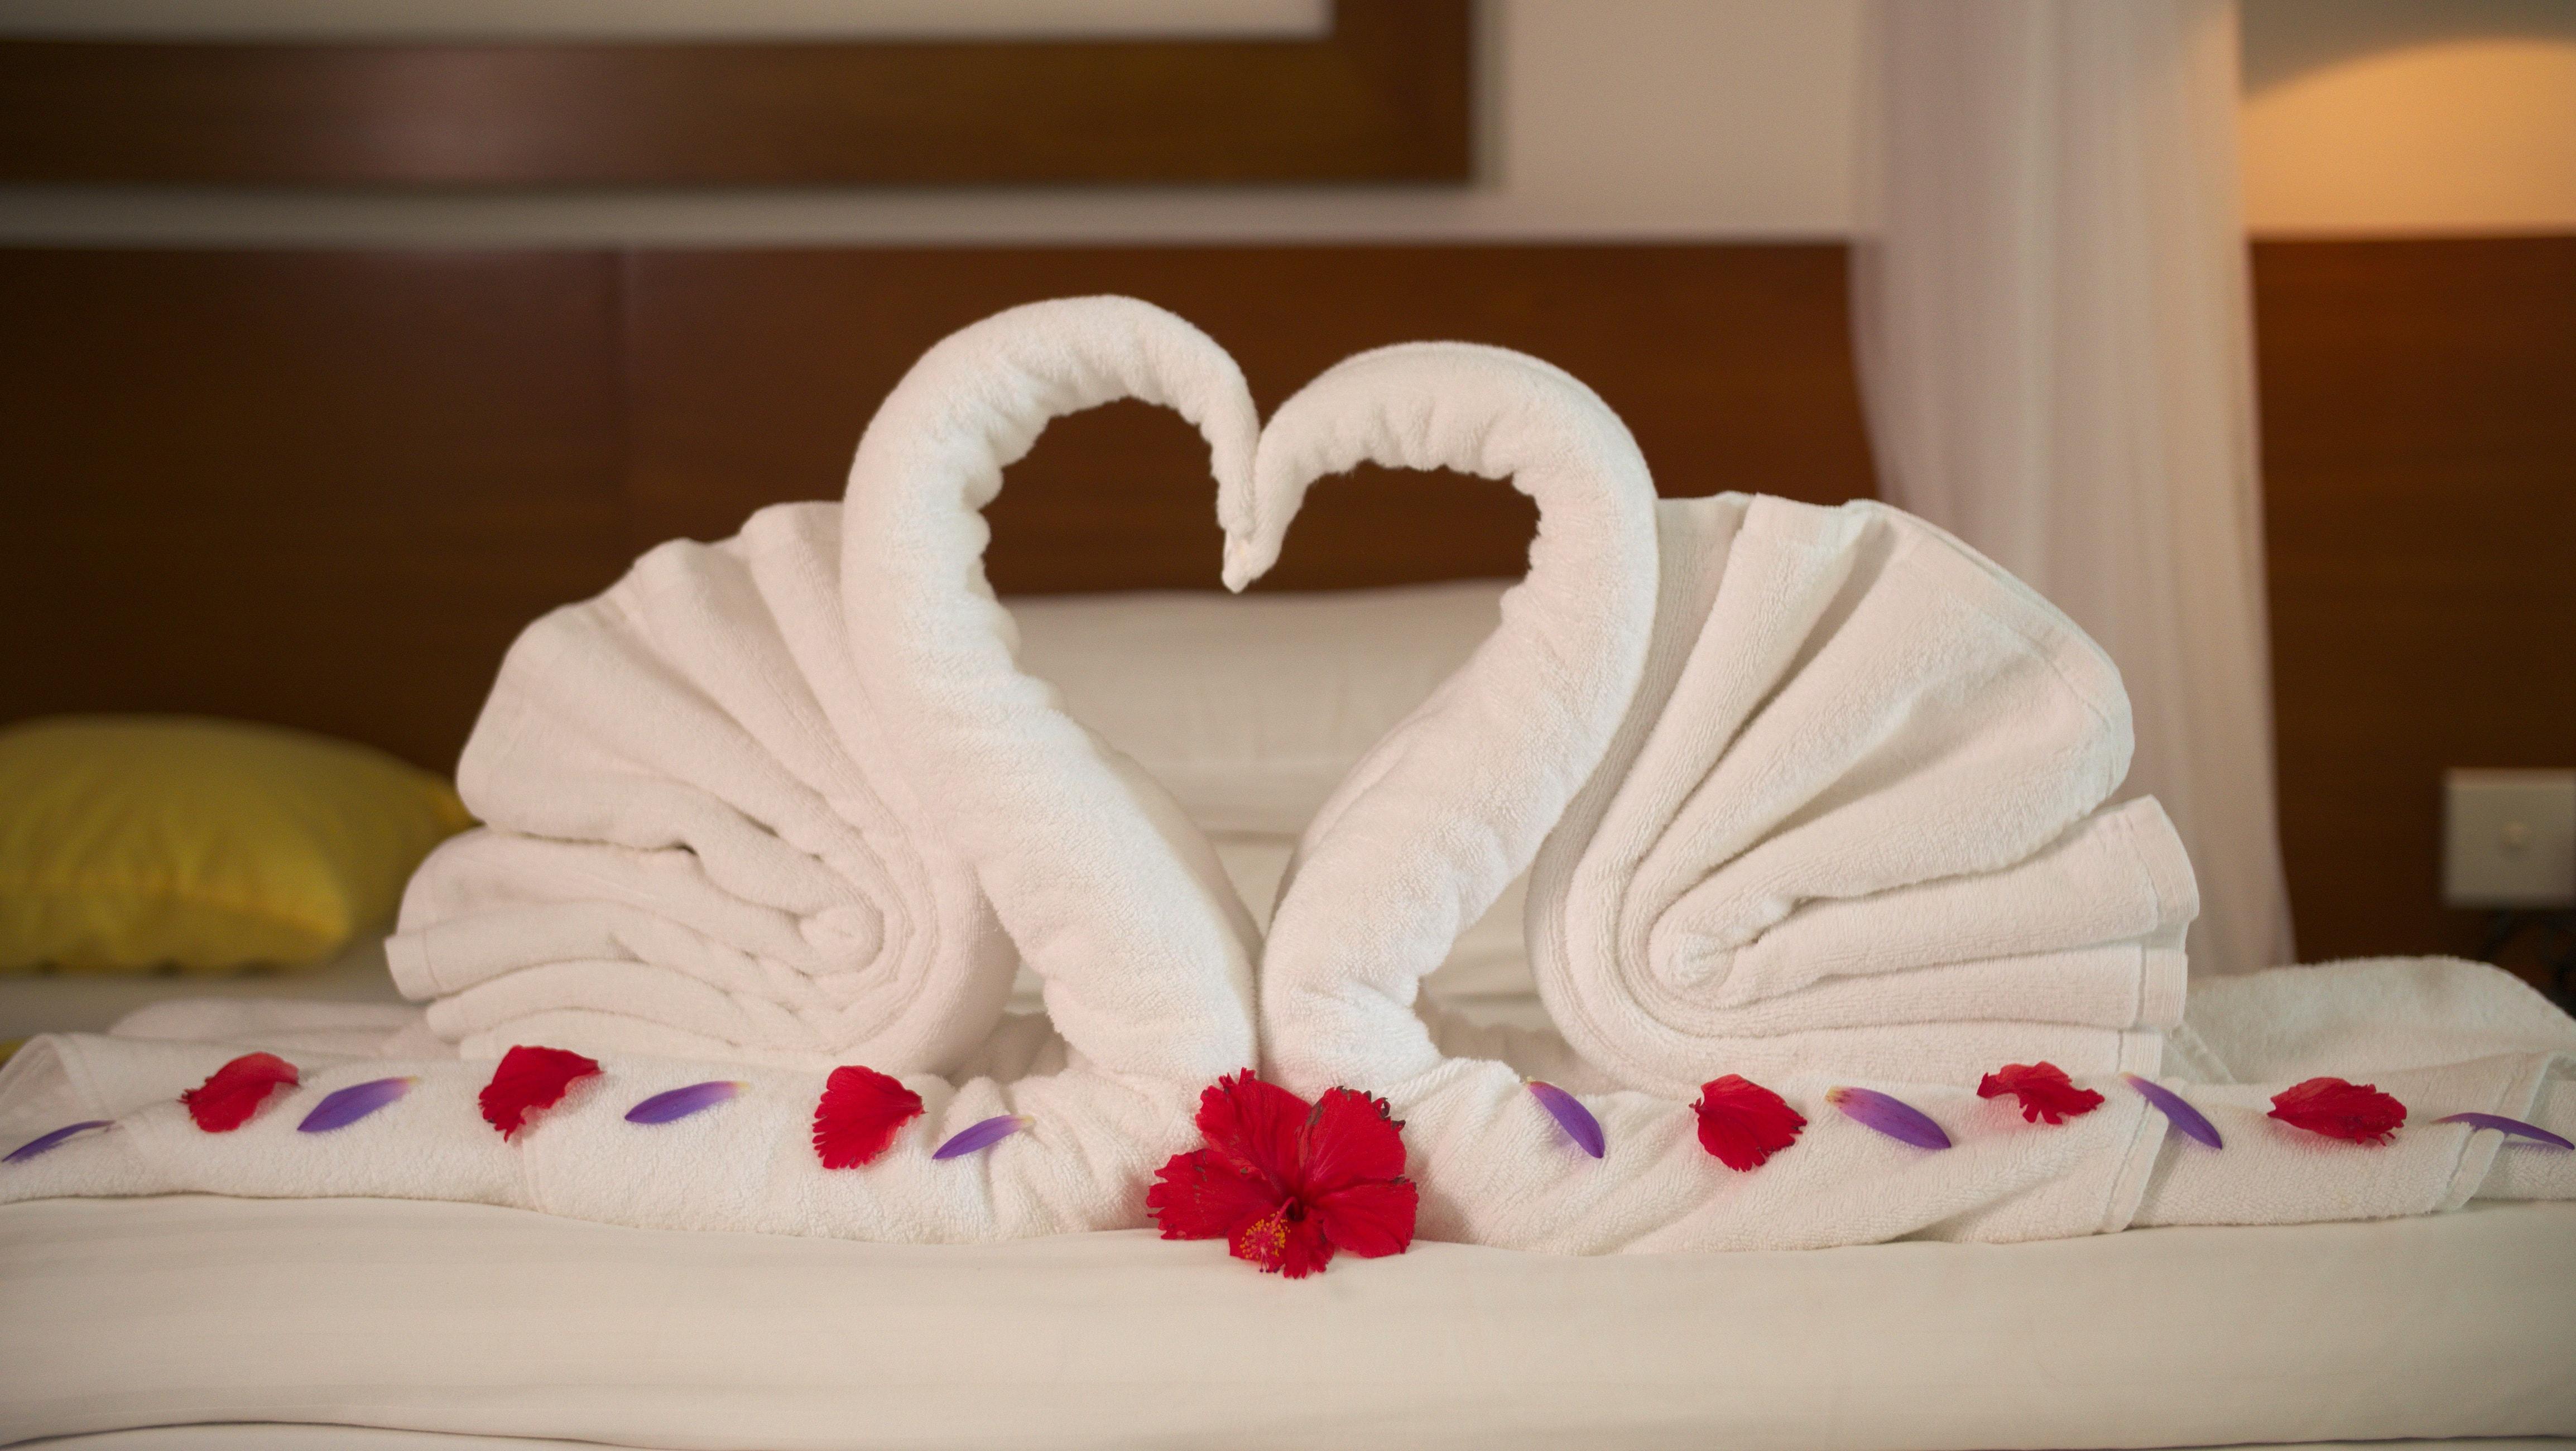 Superior Suite Bett im Ayurveda Hotel Lanka Princess, unter deutscher Leitung, Sri Lanka